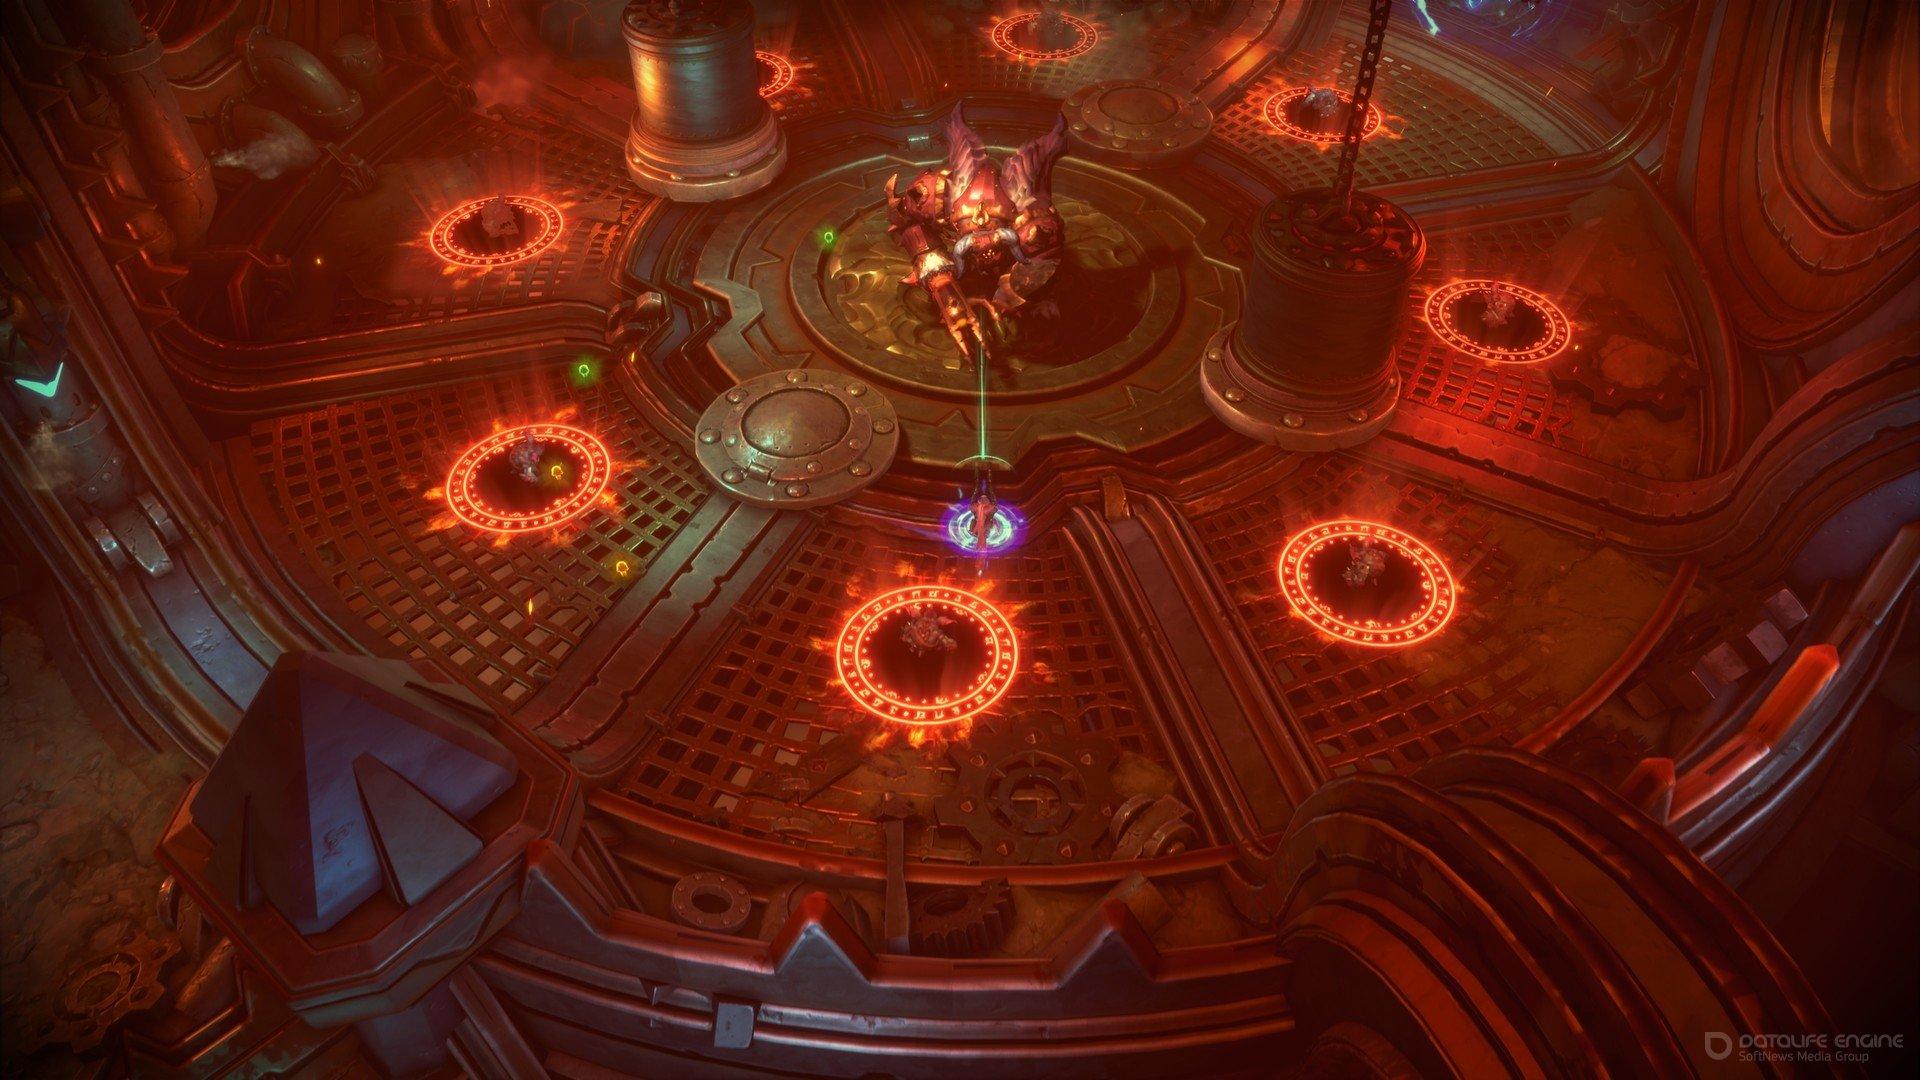 Скриншот к игре Darksiders Genesis [1.04 (36978)] (2019) скачать торрент RePack